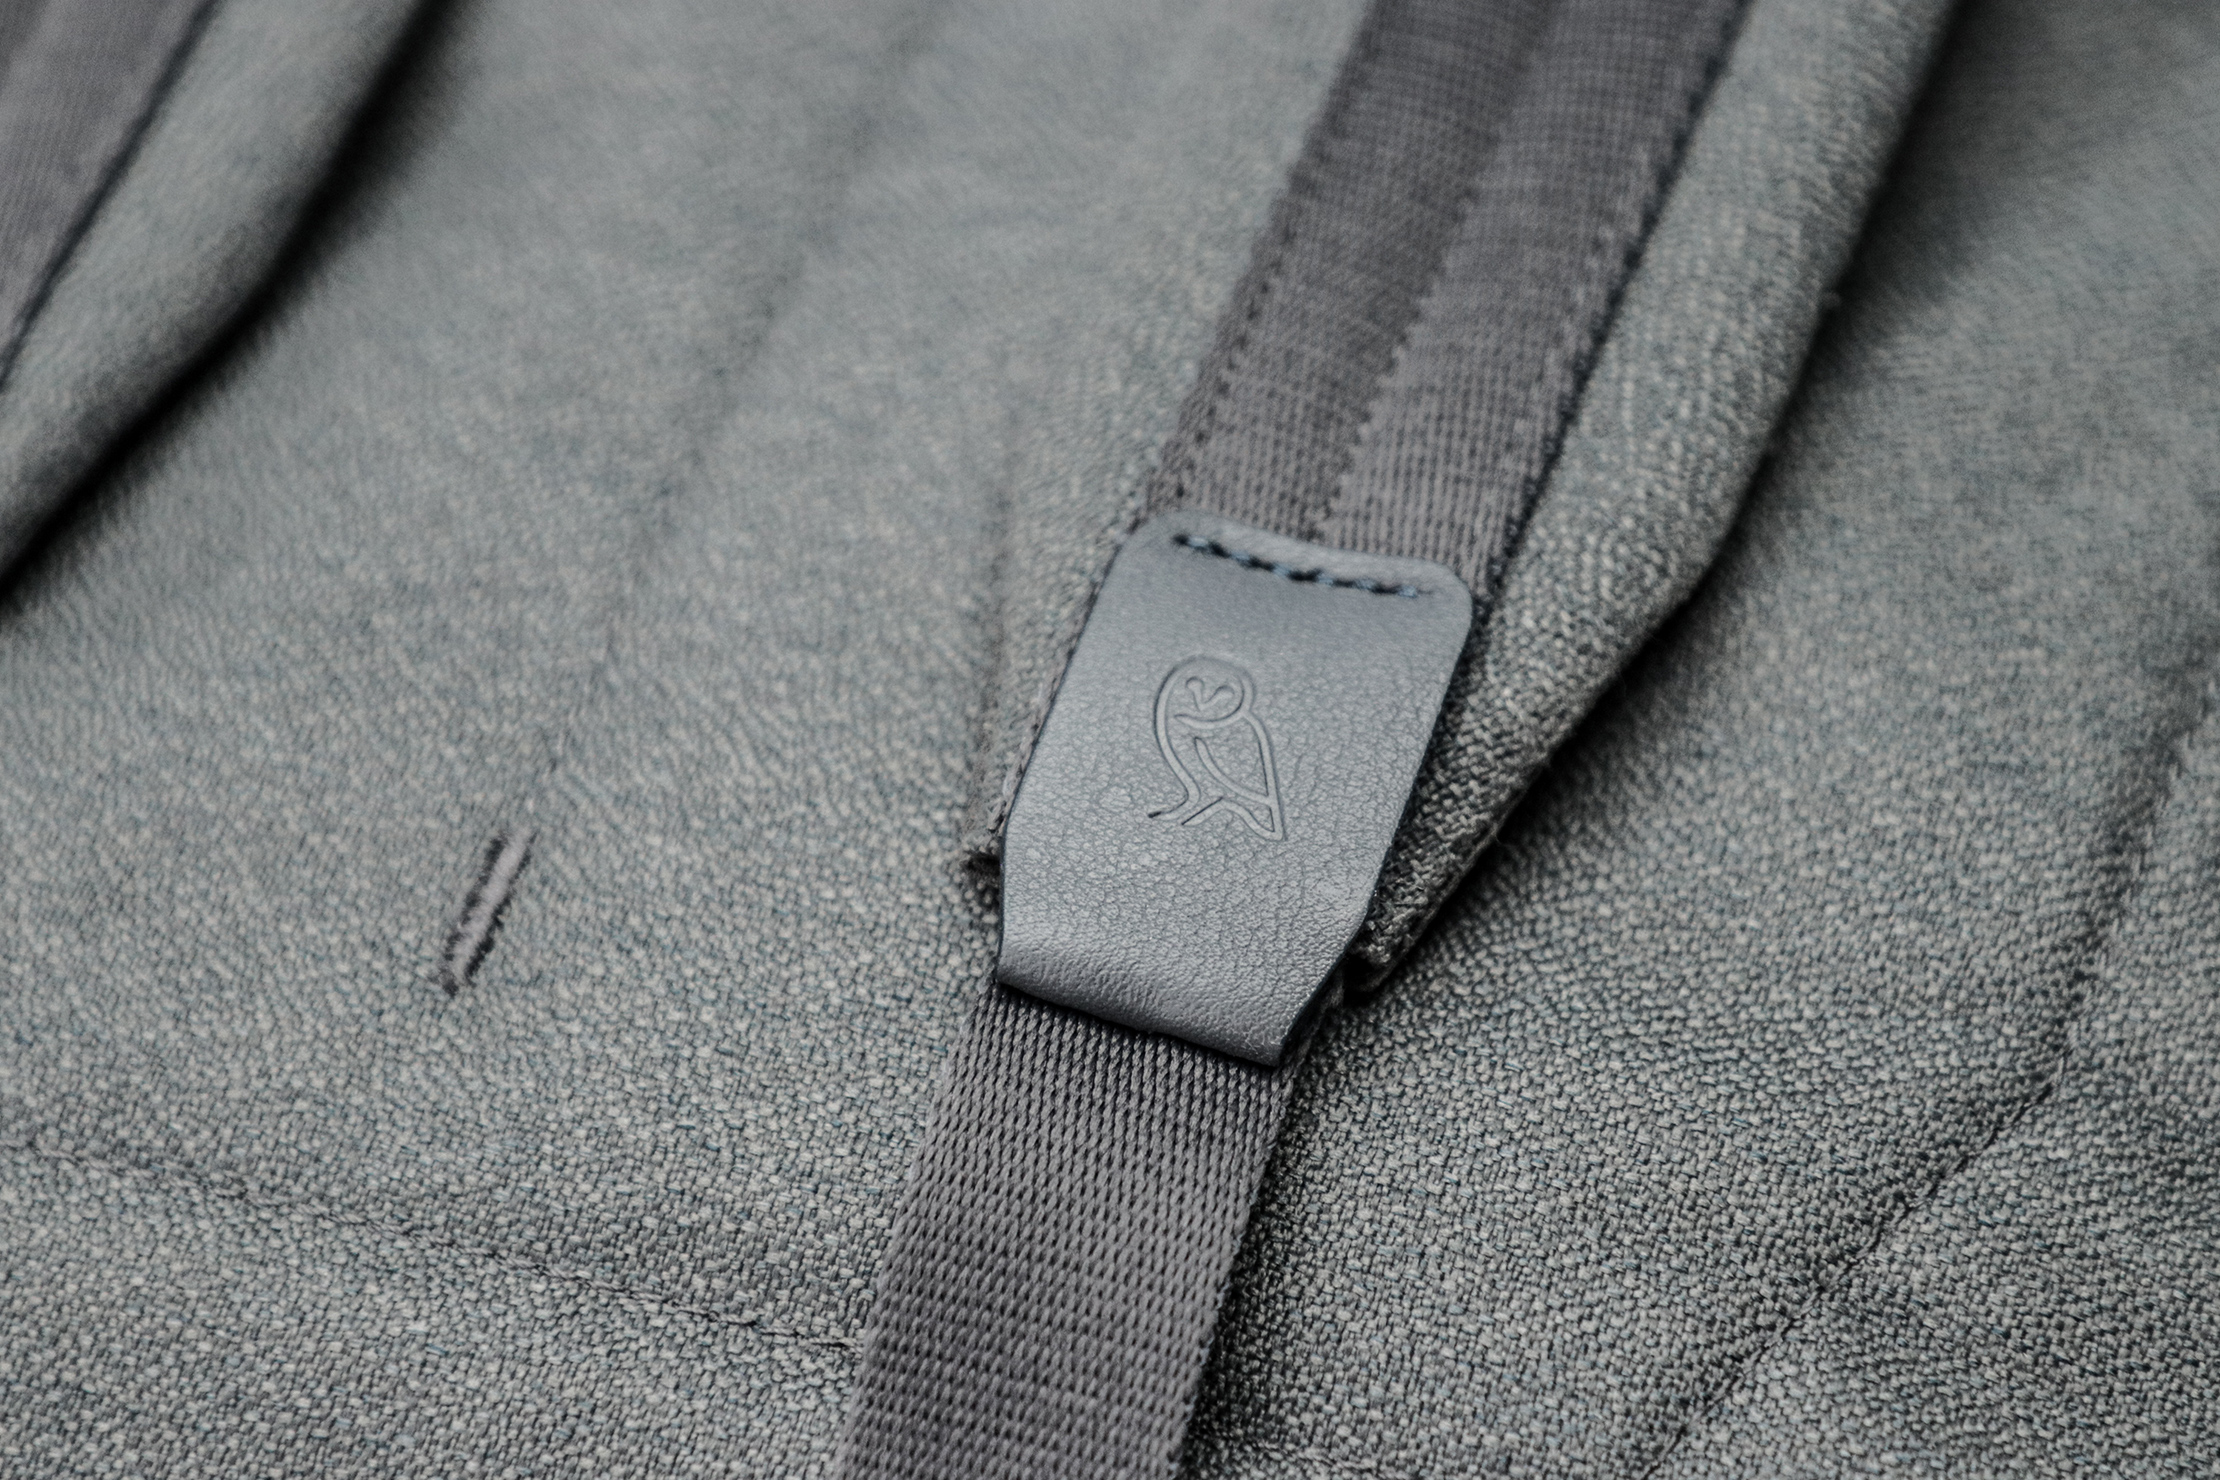 Bellroy Tokyo Totepack shoulder straps